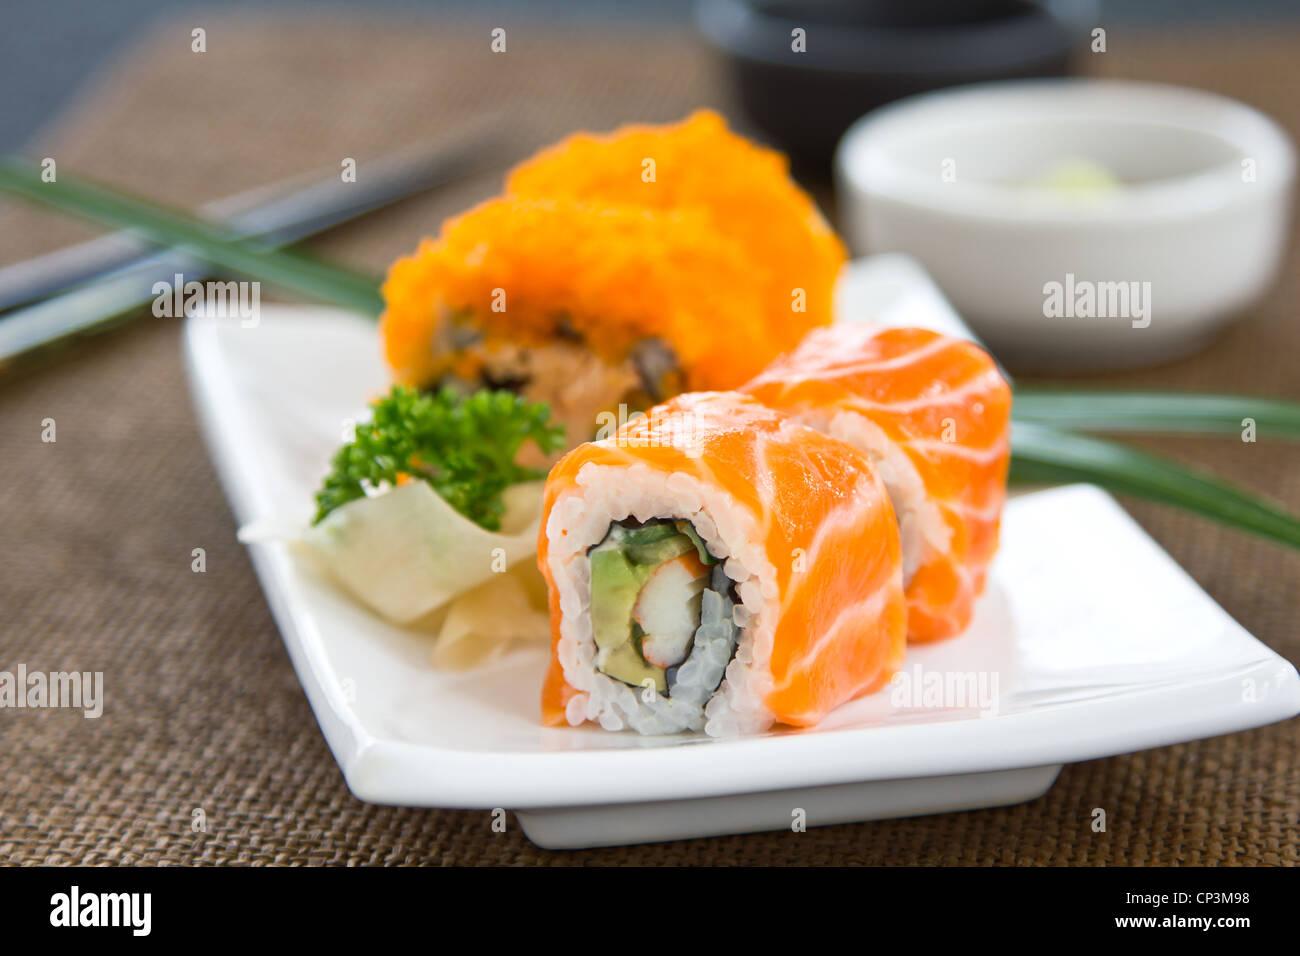 Sushi ,Salmon rolled - Stock Image